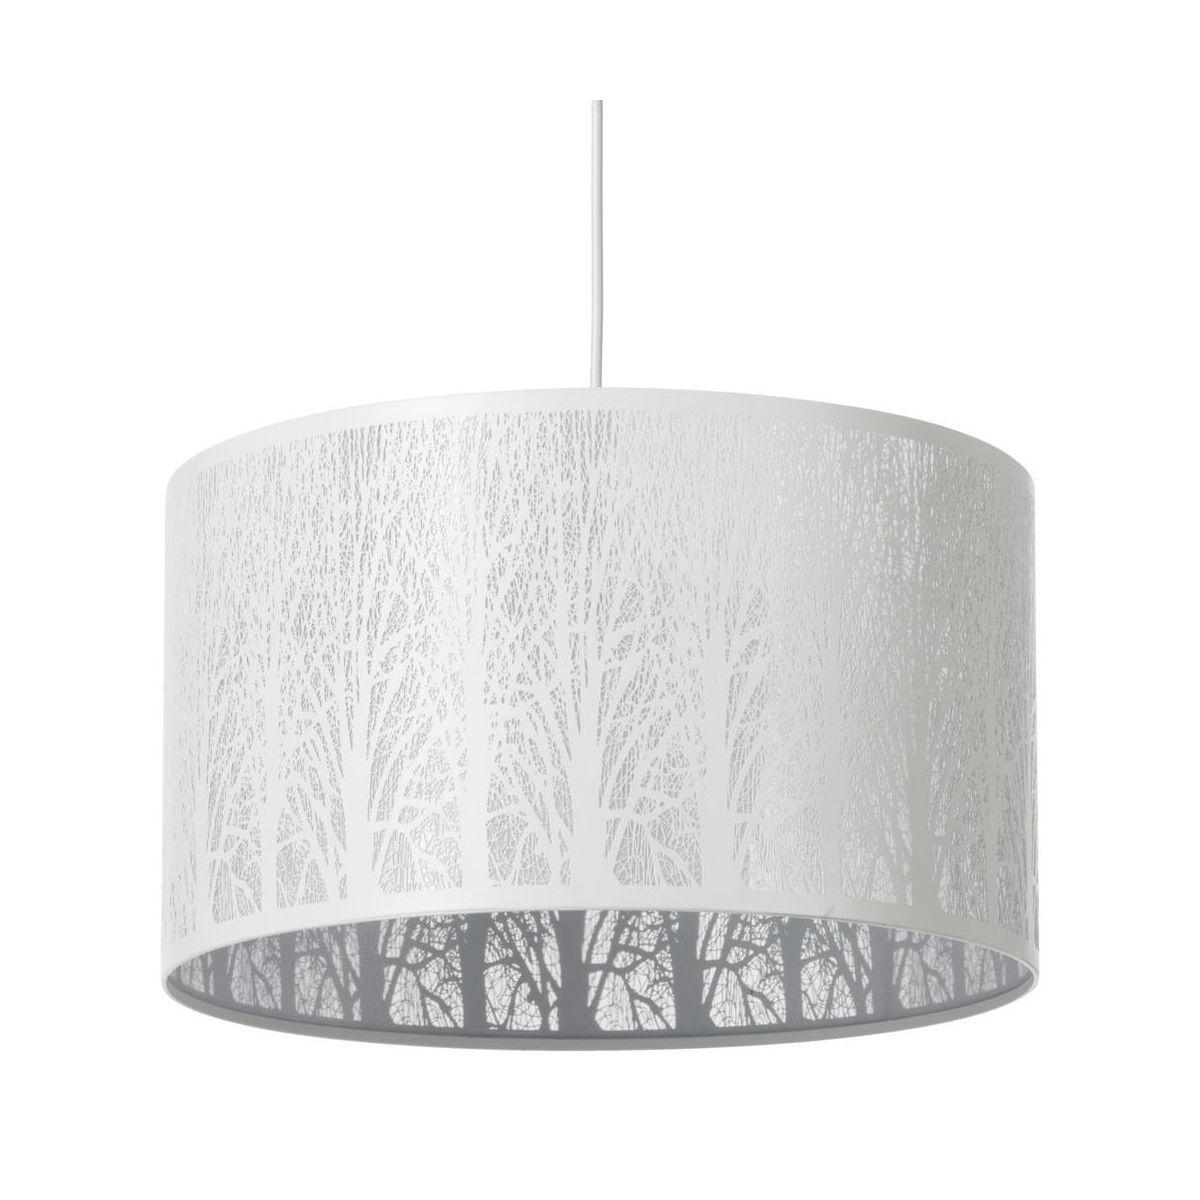 Lampa Wisząca Forest Inspire Lampy Sufitowe żyrandole